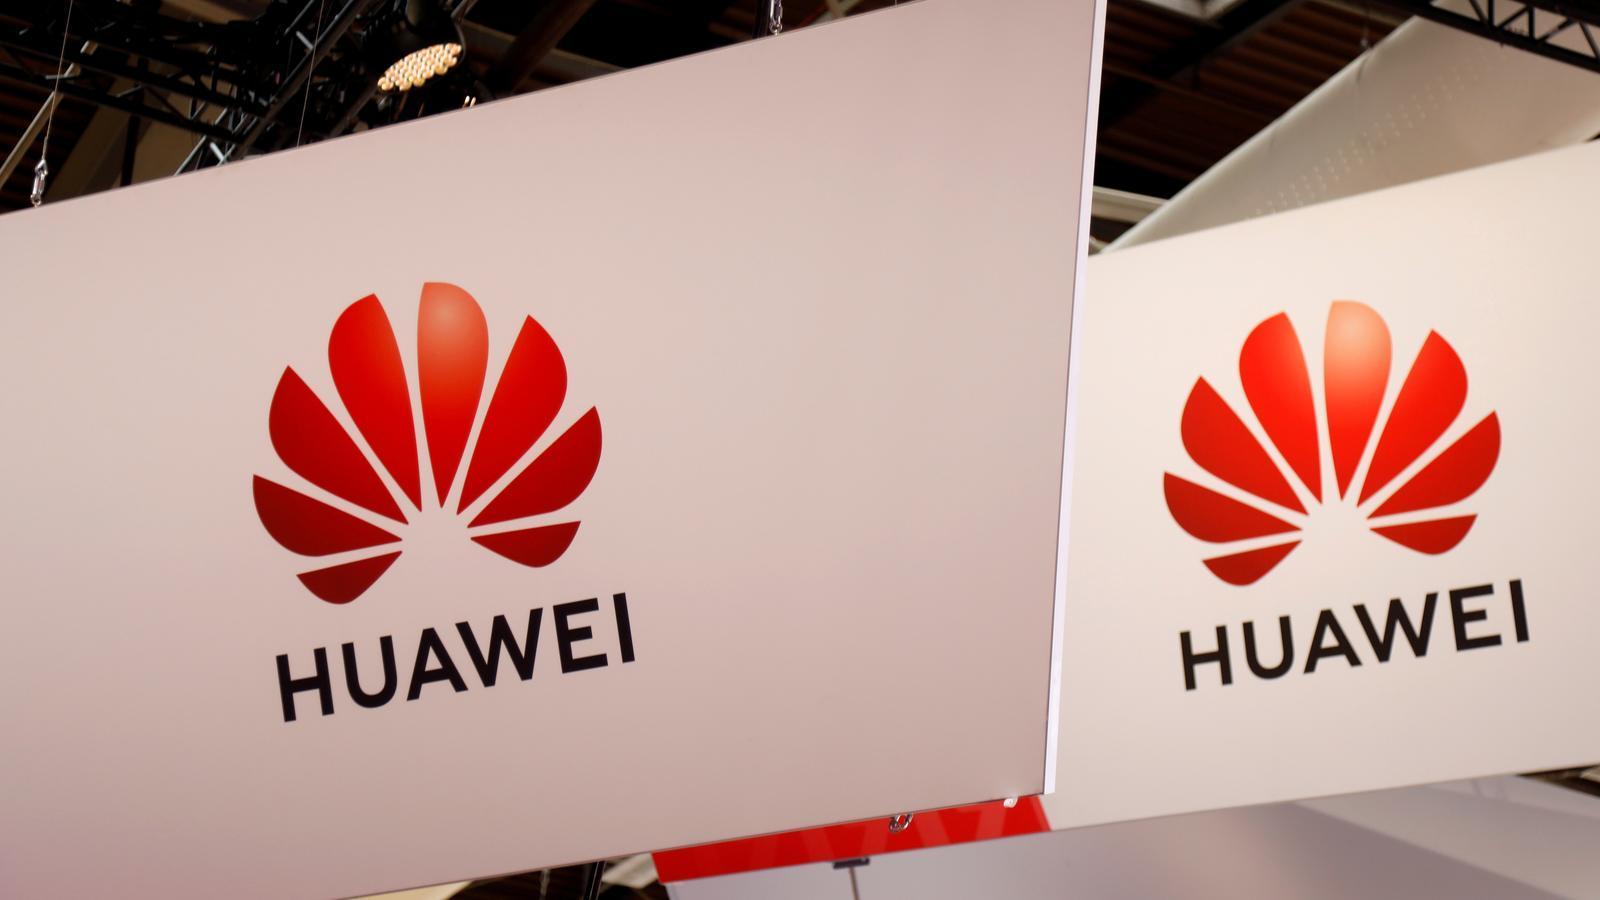 La xinesa Huawei ha estat inclosa en una llista negra comercial als Estats Units / CHARLES PLATIAU / REUTERS